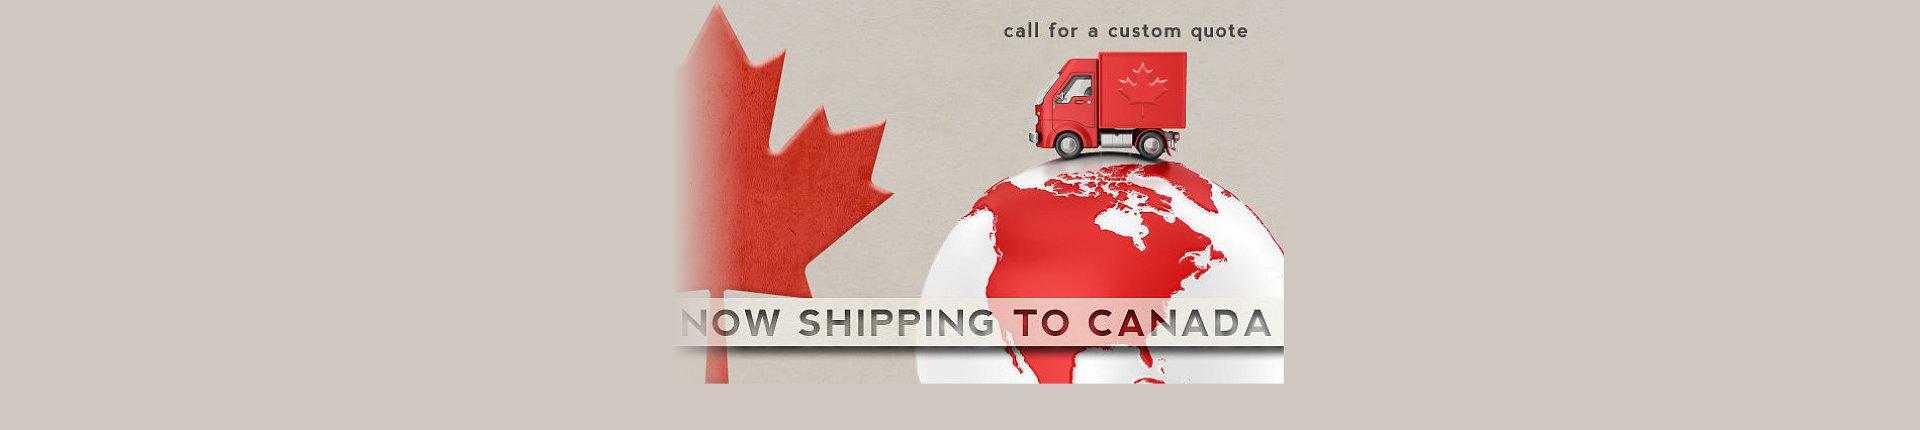 van delivering around the globe